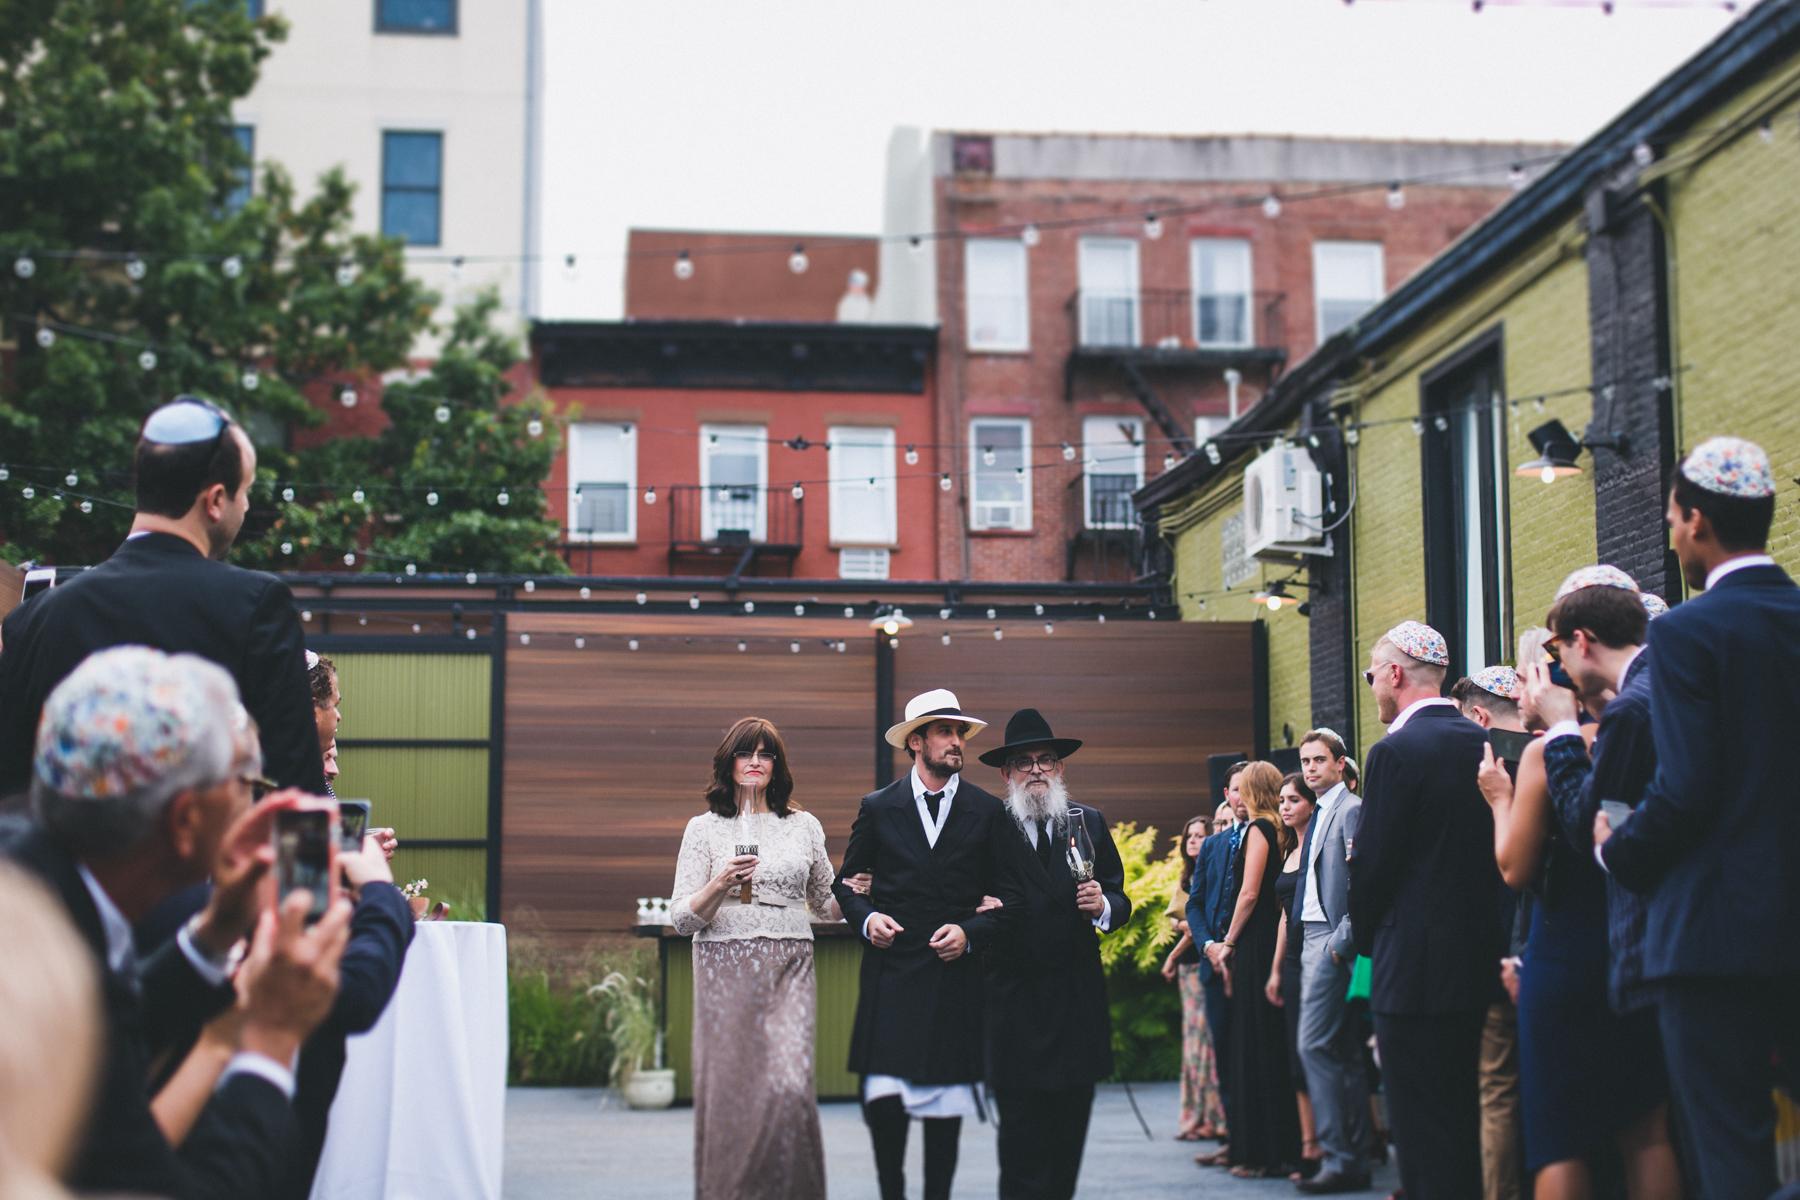 Wythe-Hotel-Green-Building-Brooklyn-Documentary-Wedding-Photography-64.jpg